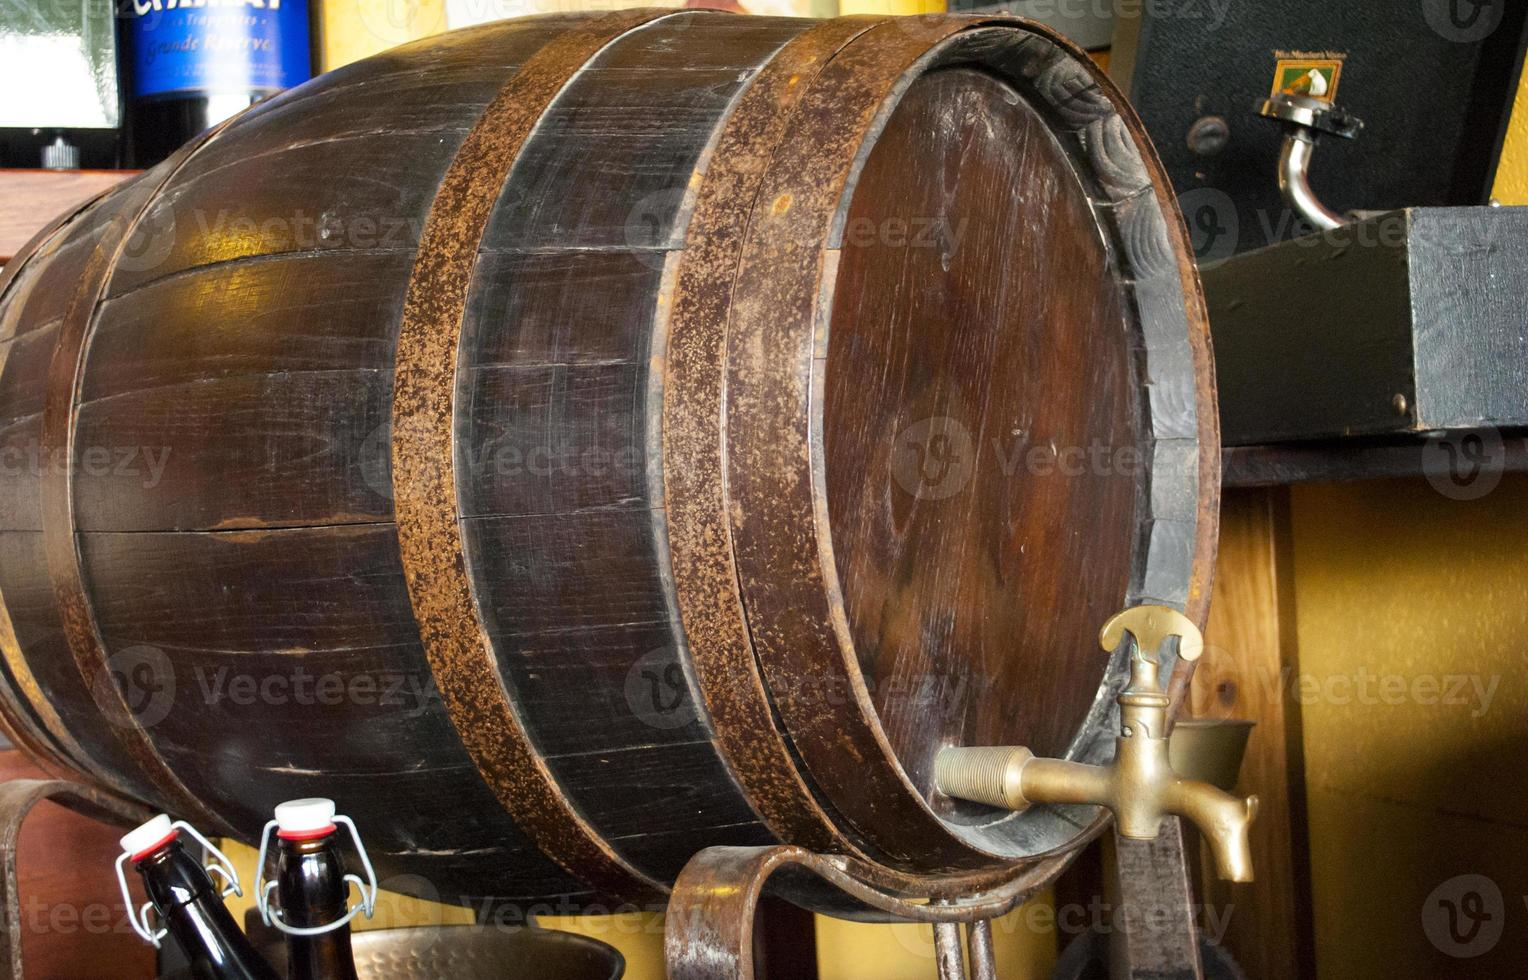 Barrel beer photo